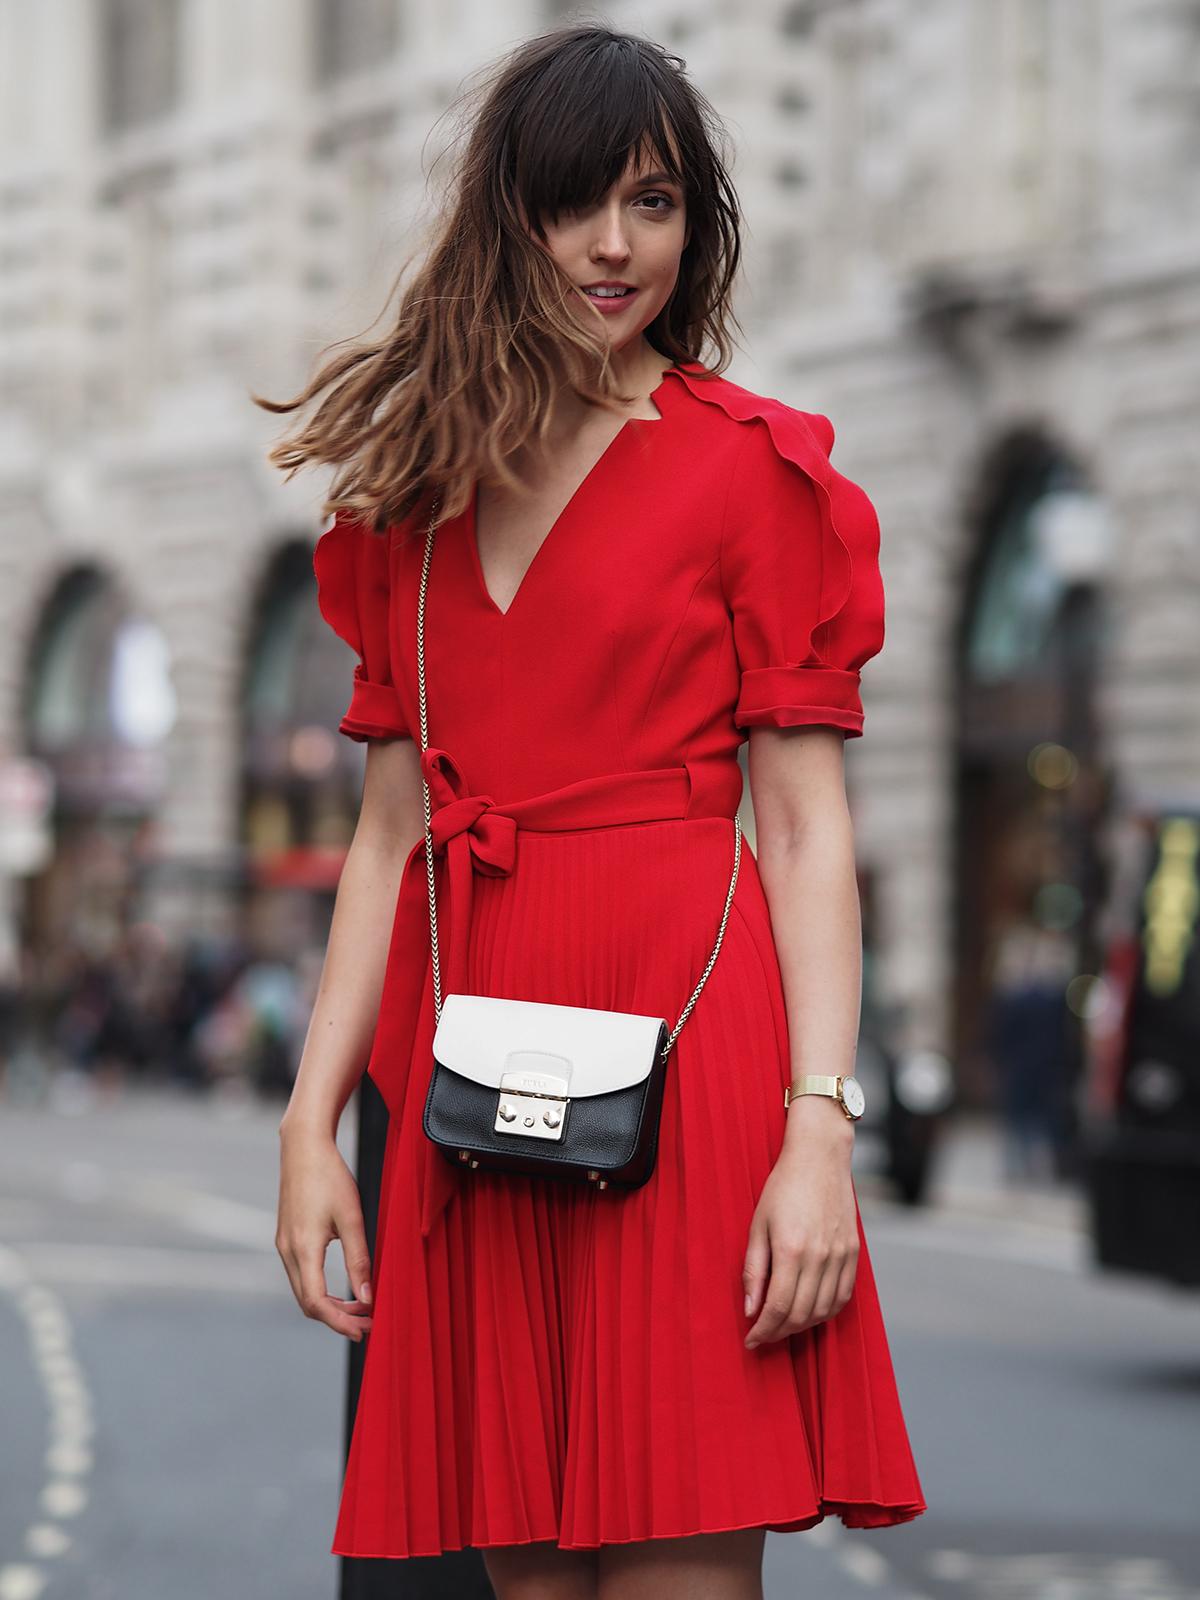 karen-millen-red-dress-converse-shoes-furla-bag-5